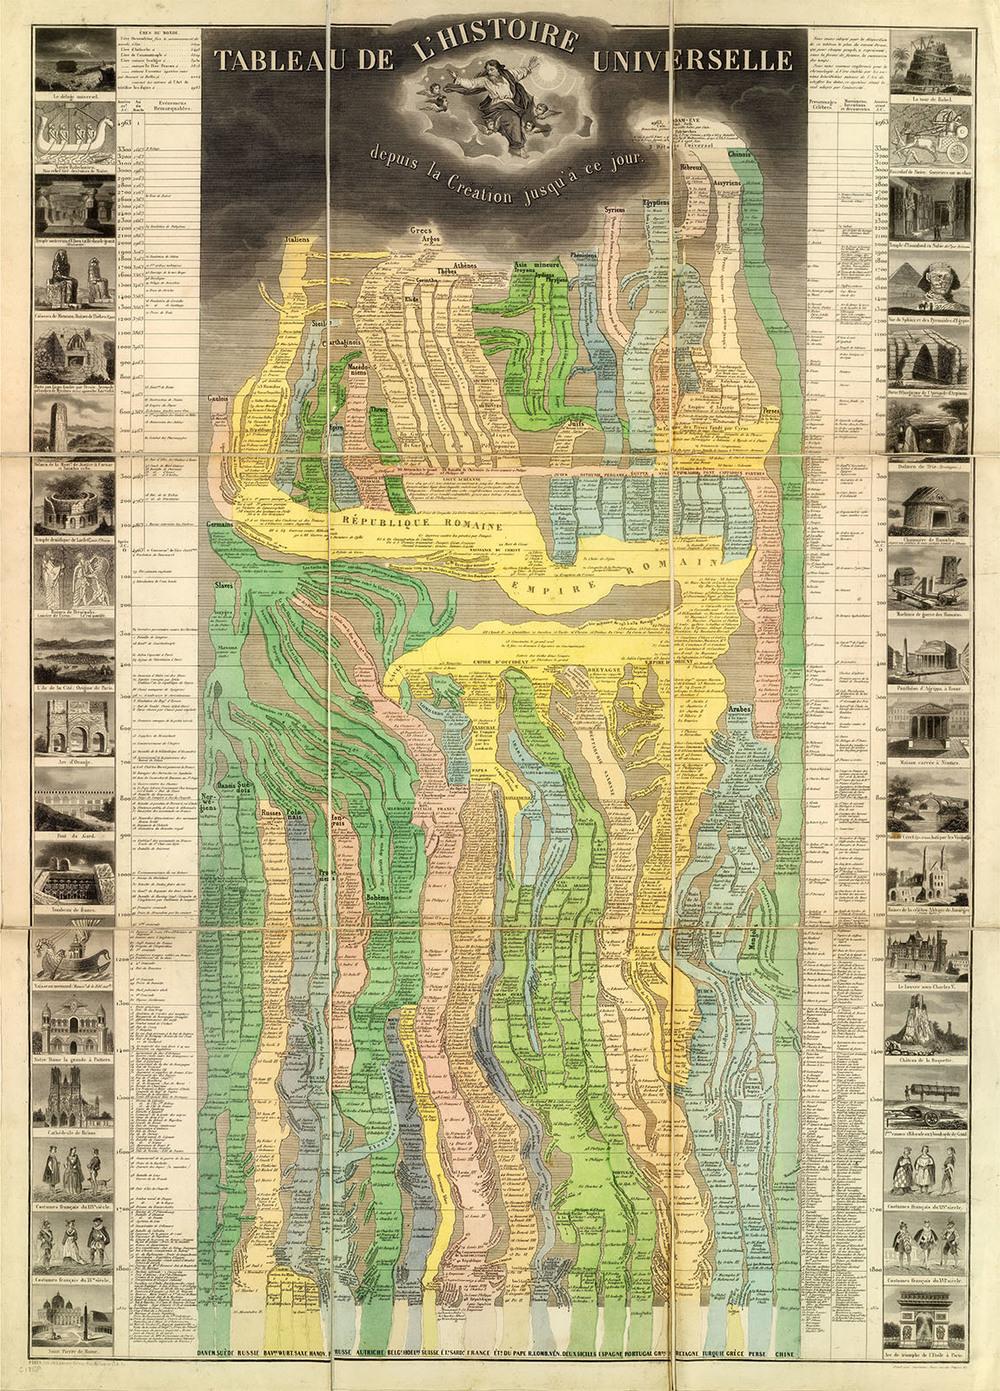 Tableau De L'Histoire Universelle depuis la Creation jusqu'a ce jour(Pick, 1858)